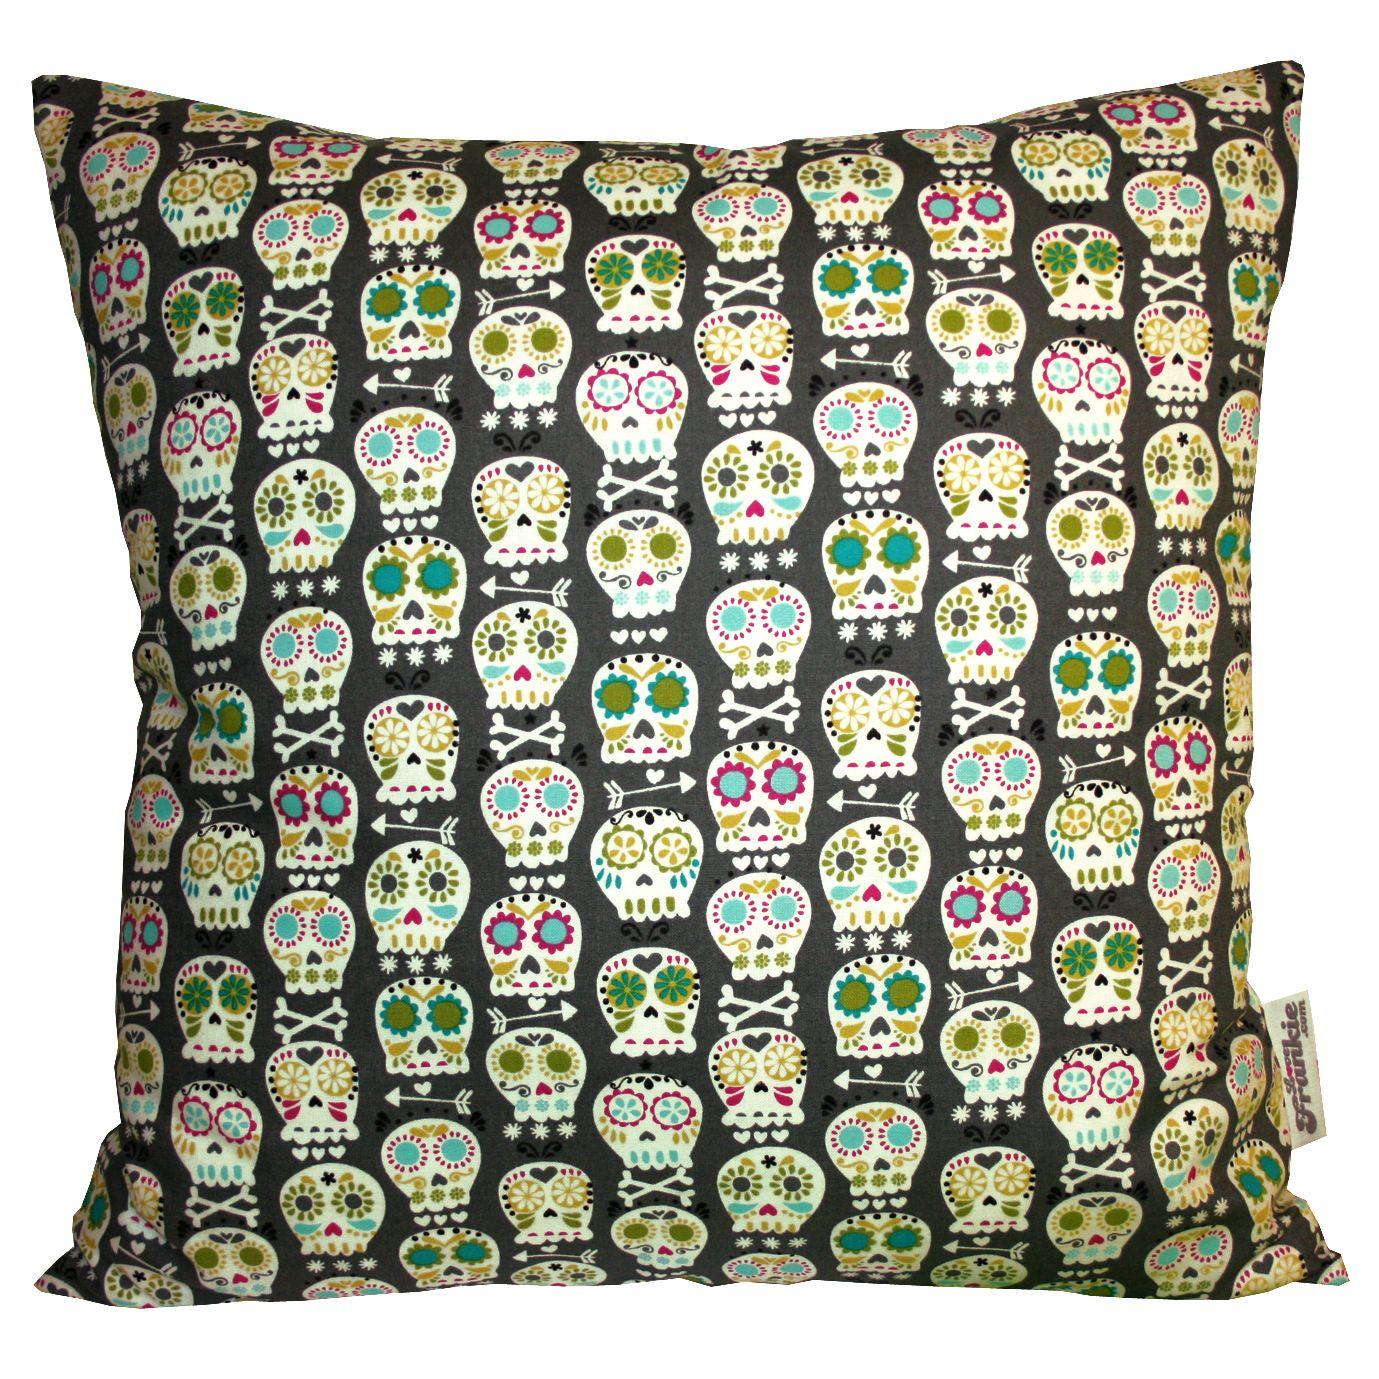 Bonehead Cushion in Grey by Love Frankie